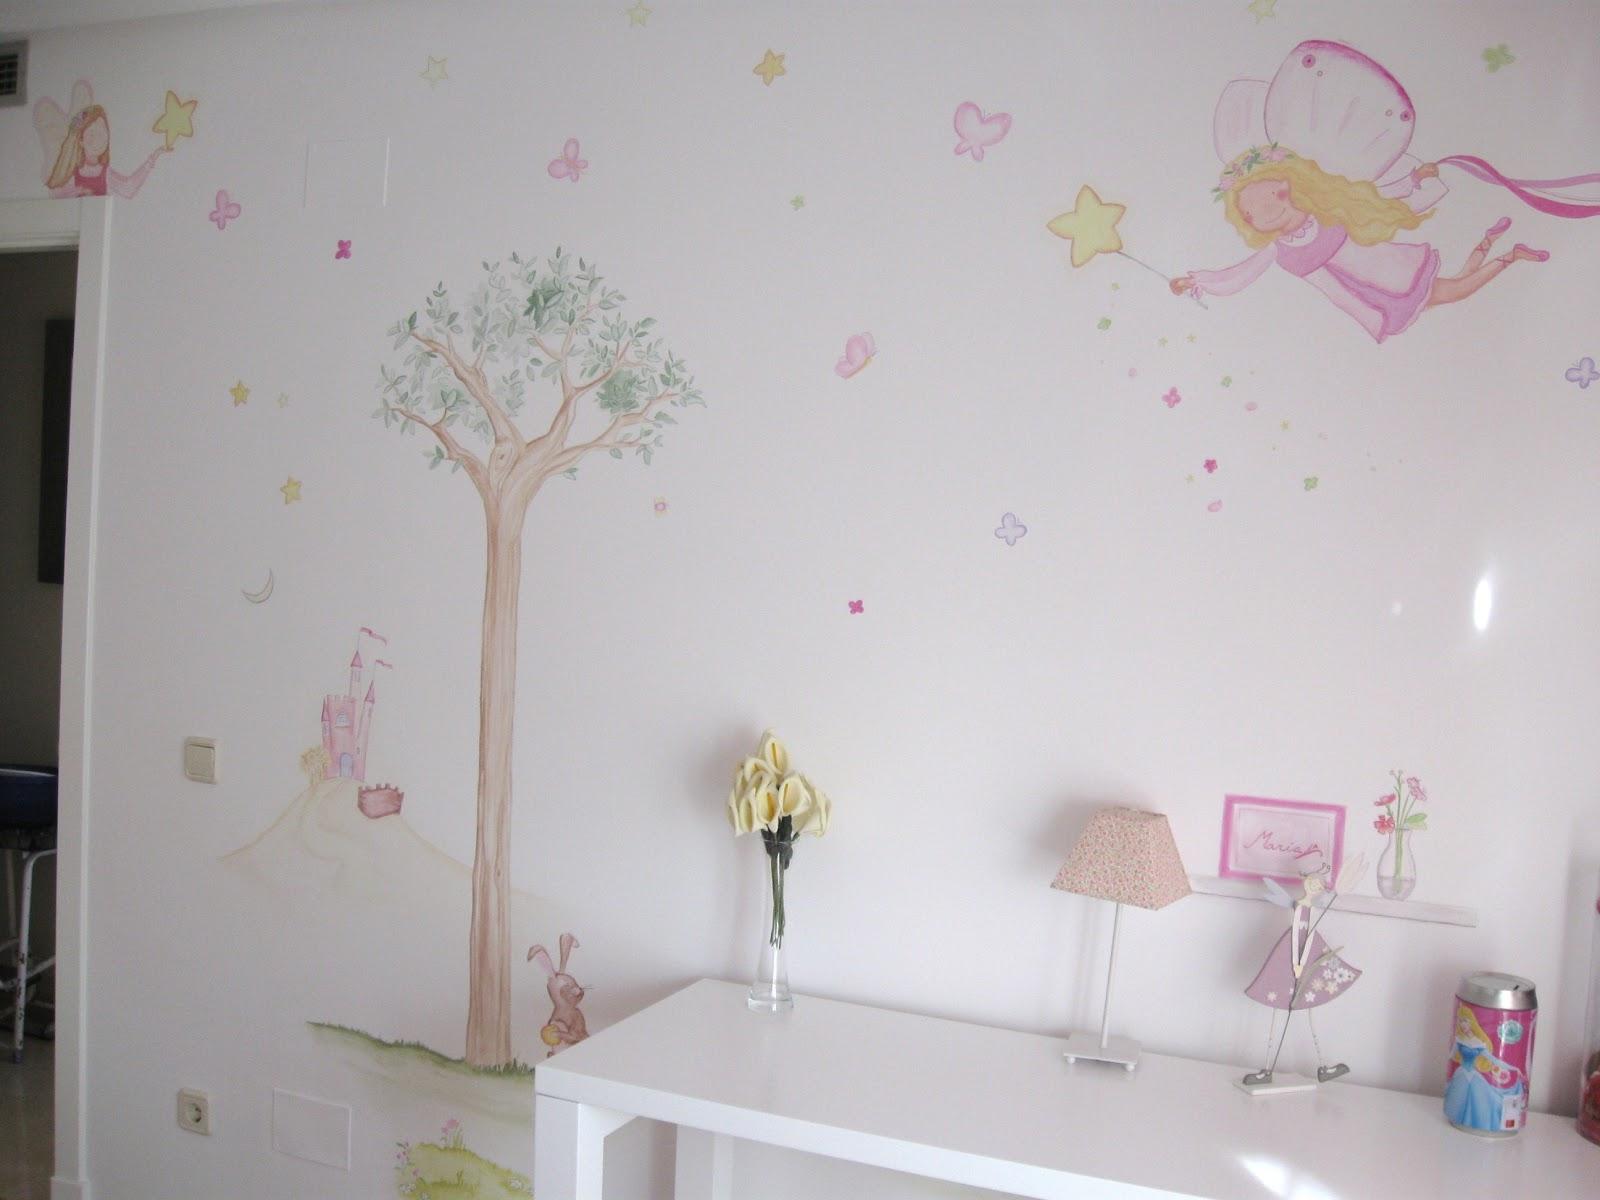 Murales infantiles pintado a mano - Murales pintados a mano ...